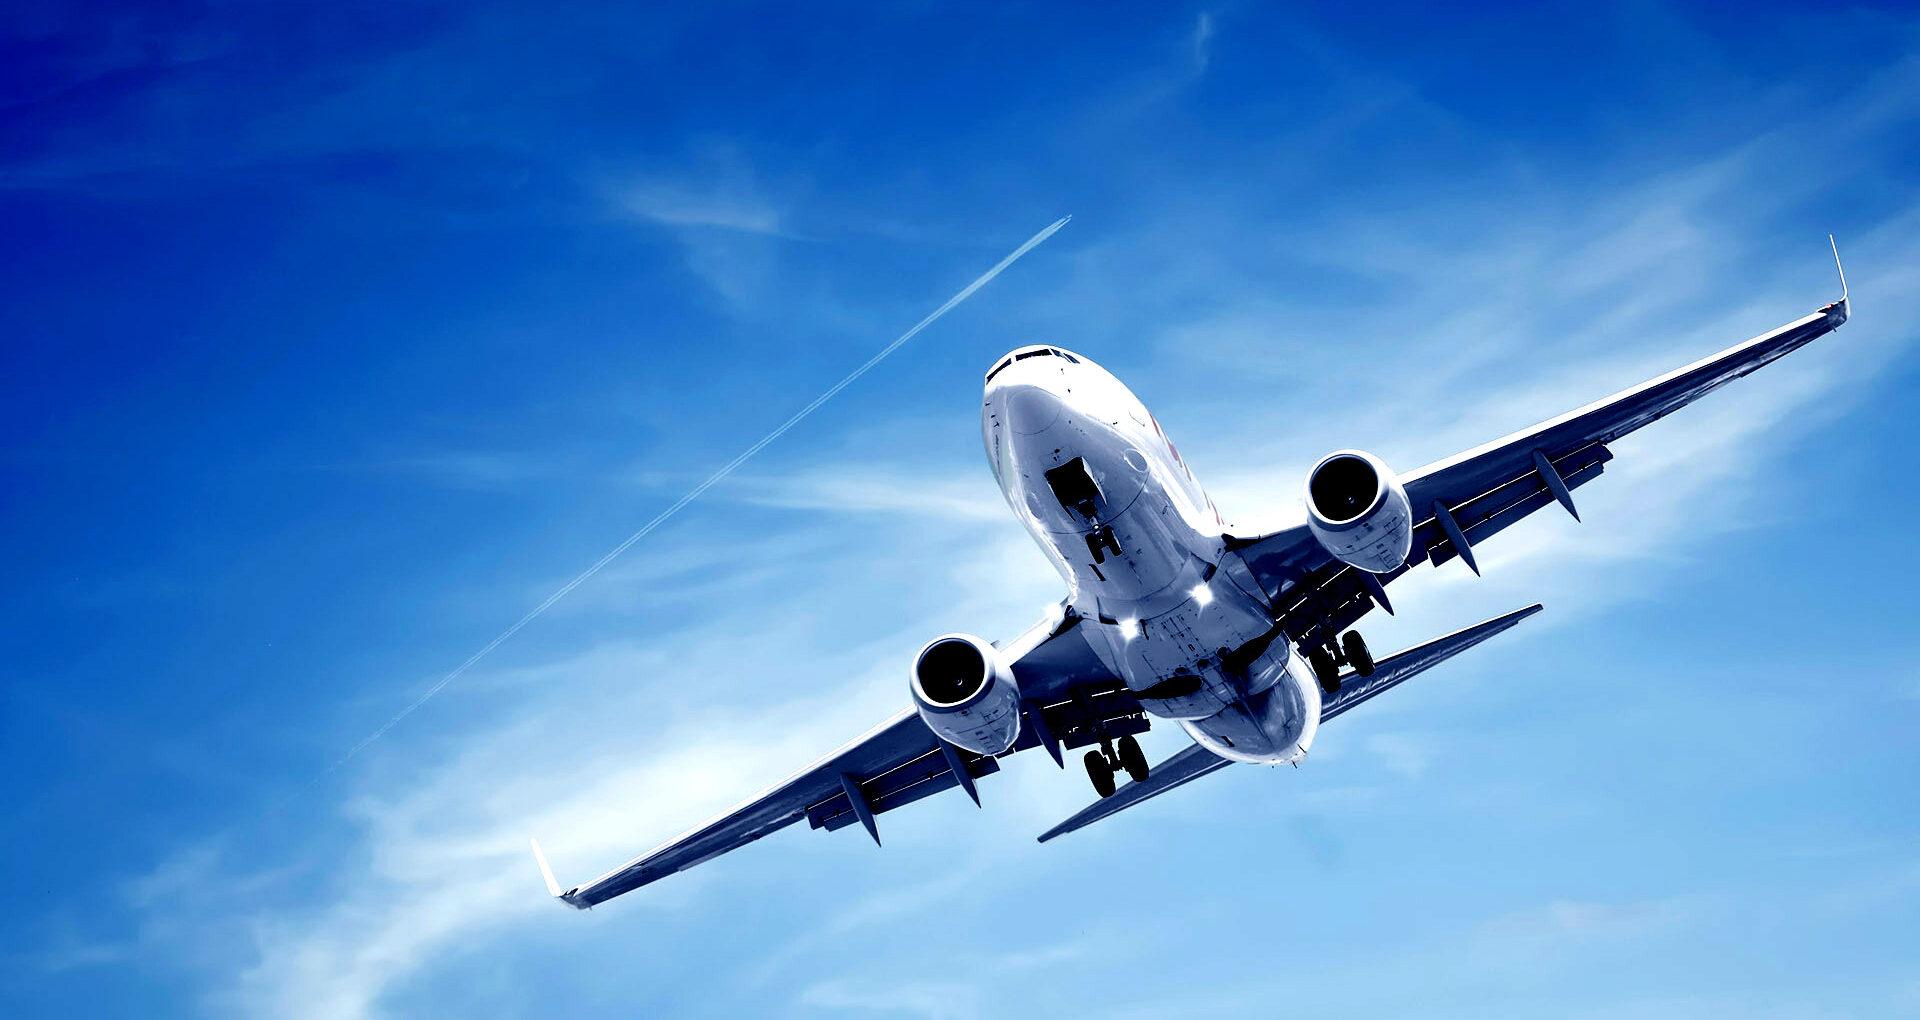 Zboruri anulate pe timp de pandemie. Cum poate fi cerută rambursarea costurilor pentru biletele de avion la cursele din cadrul UE